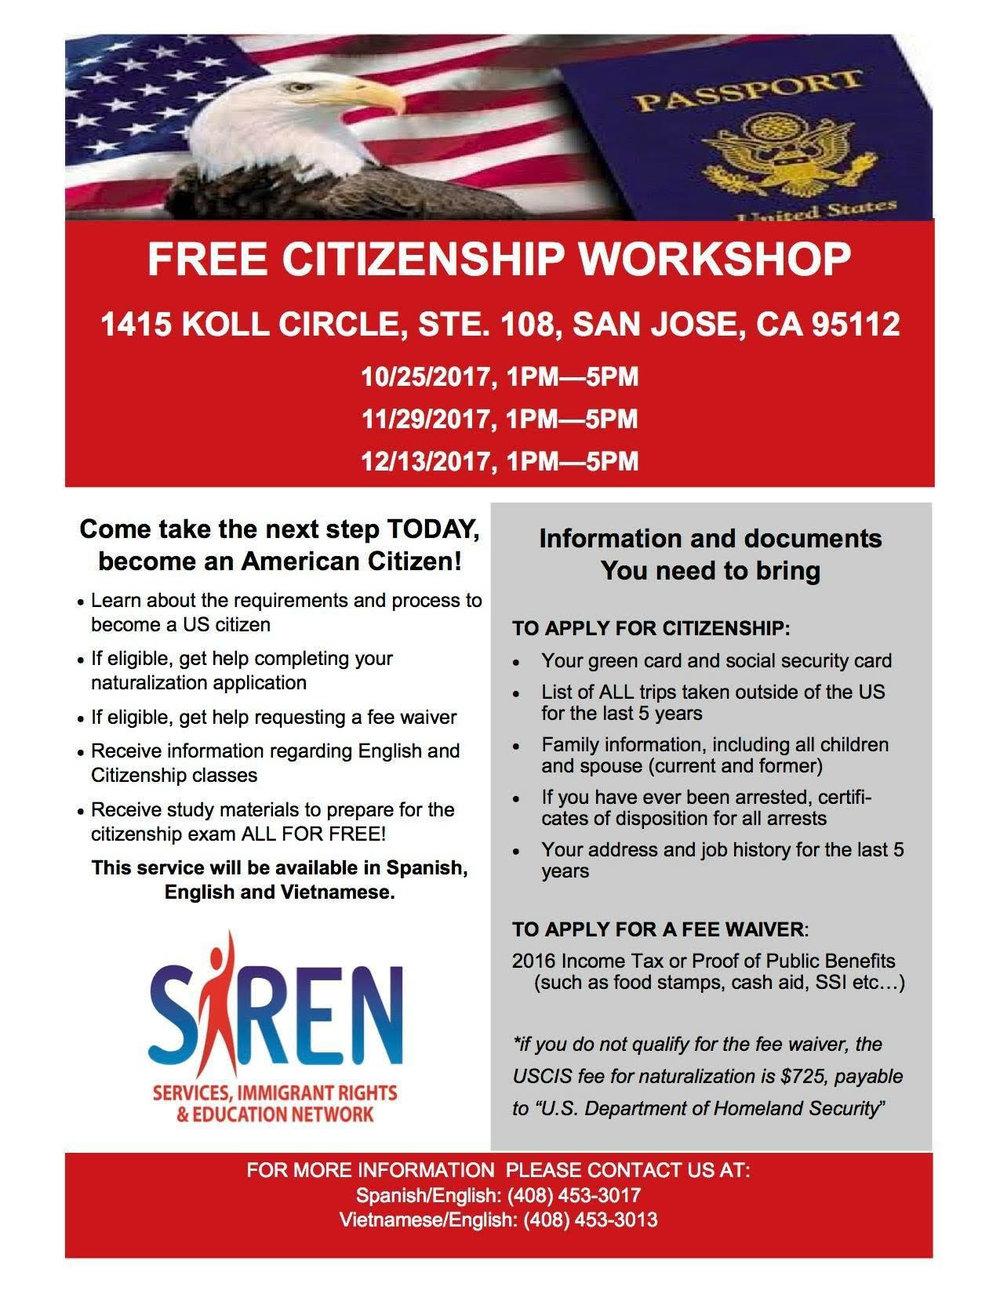 citizenshipworkshop.jpg